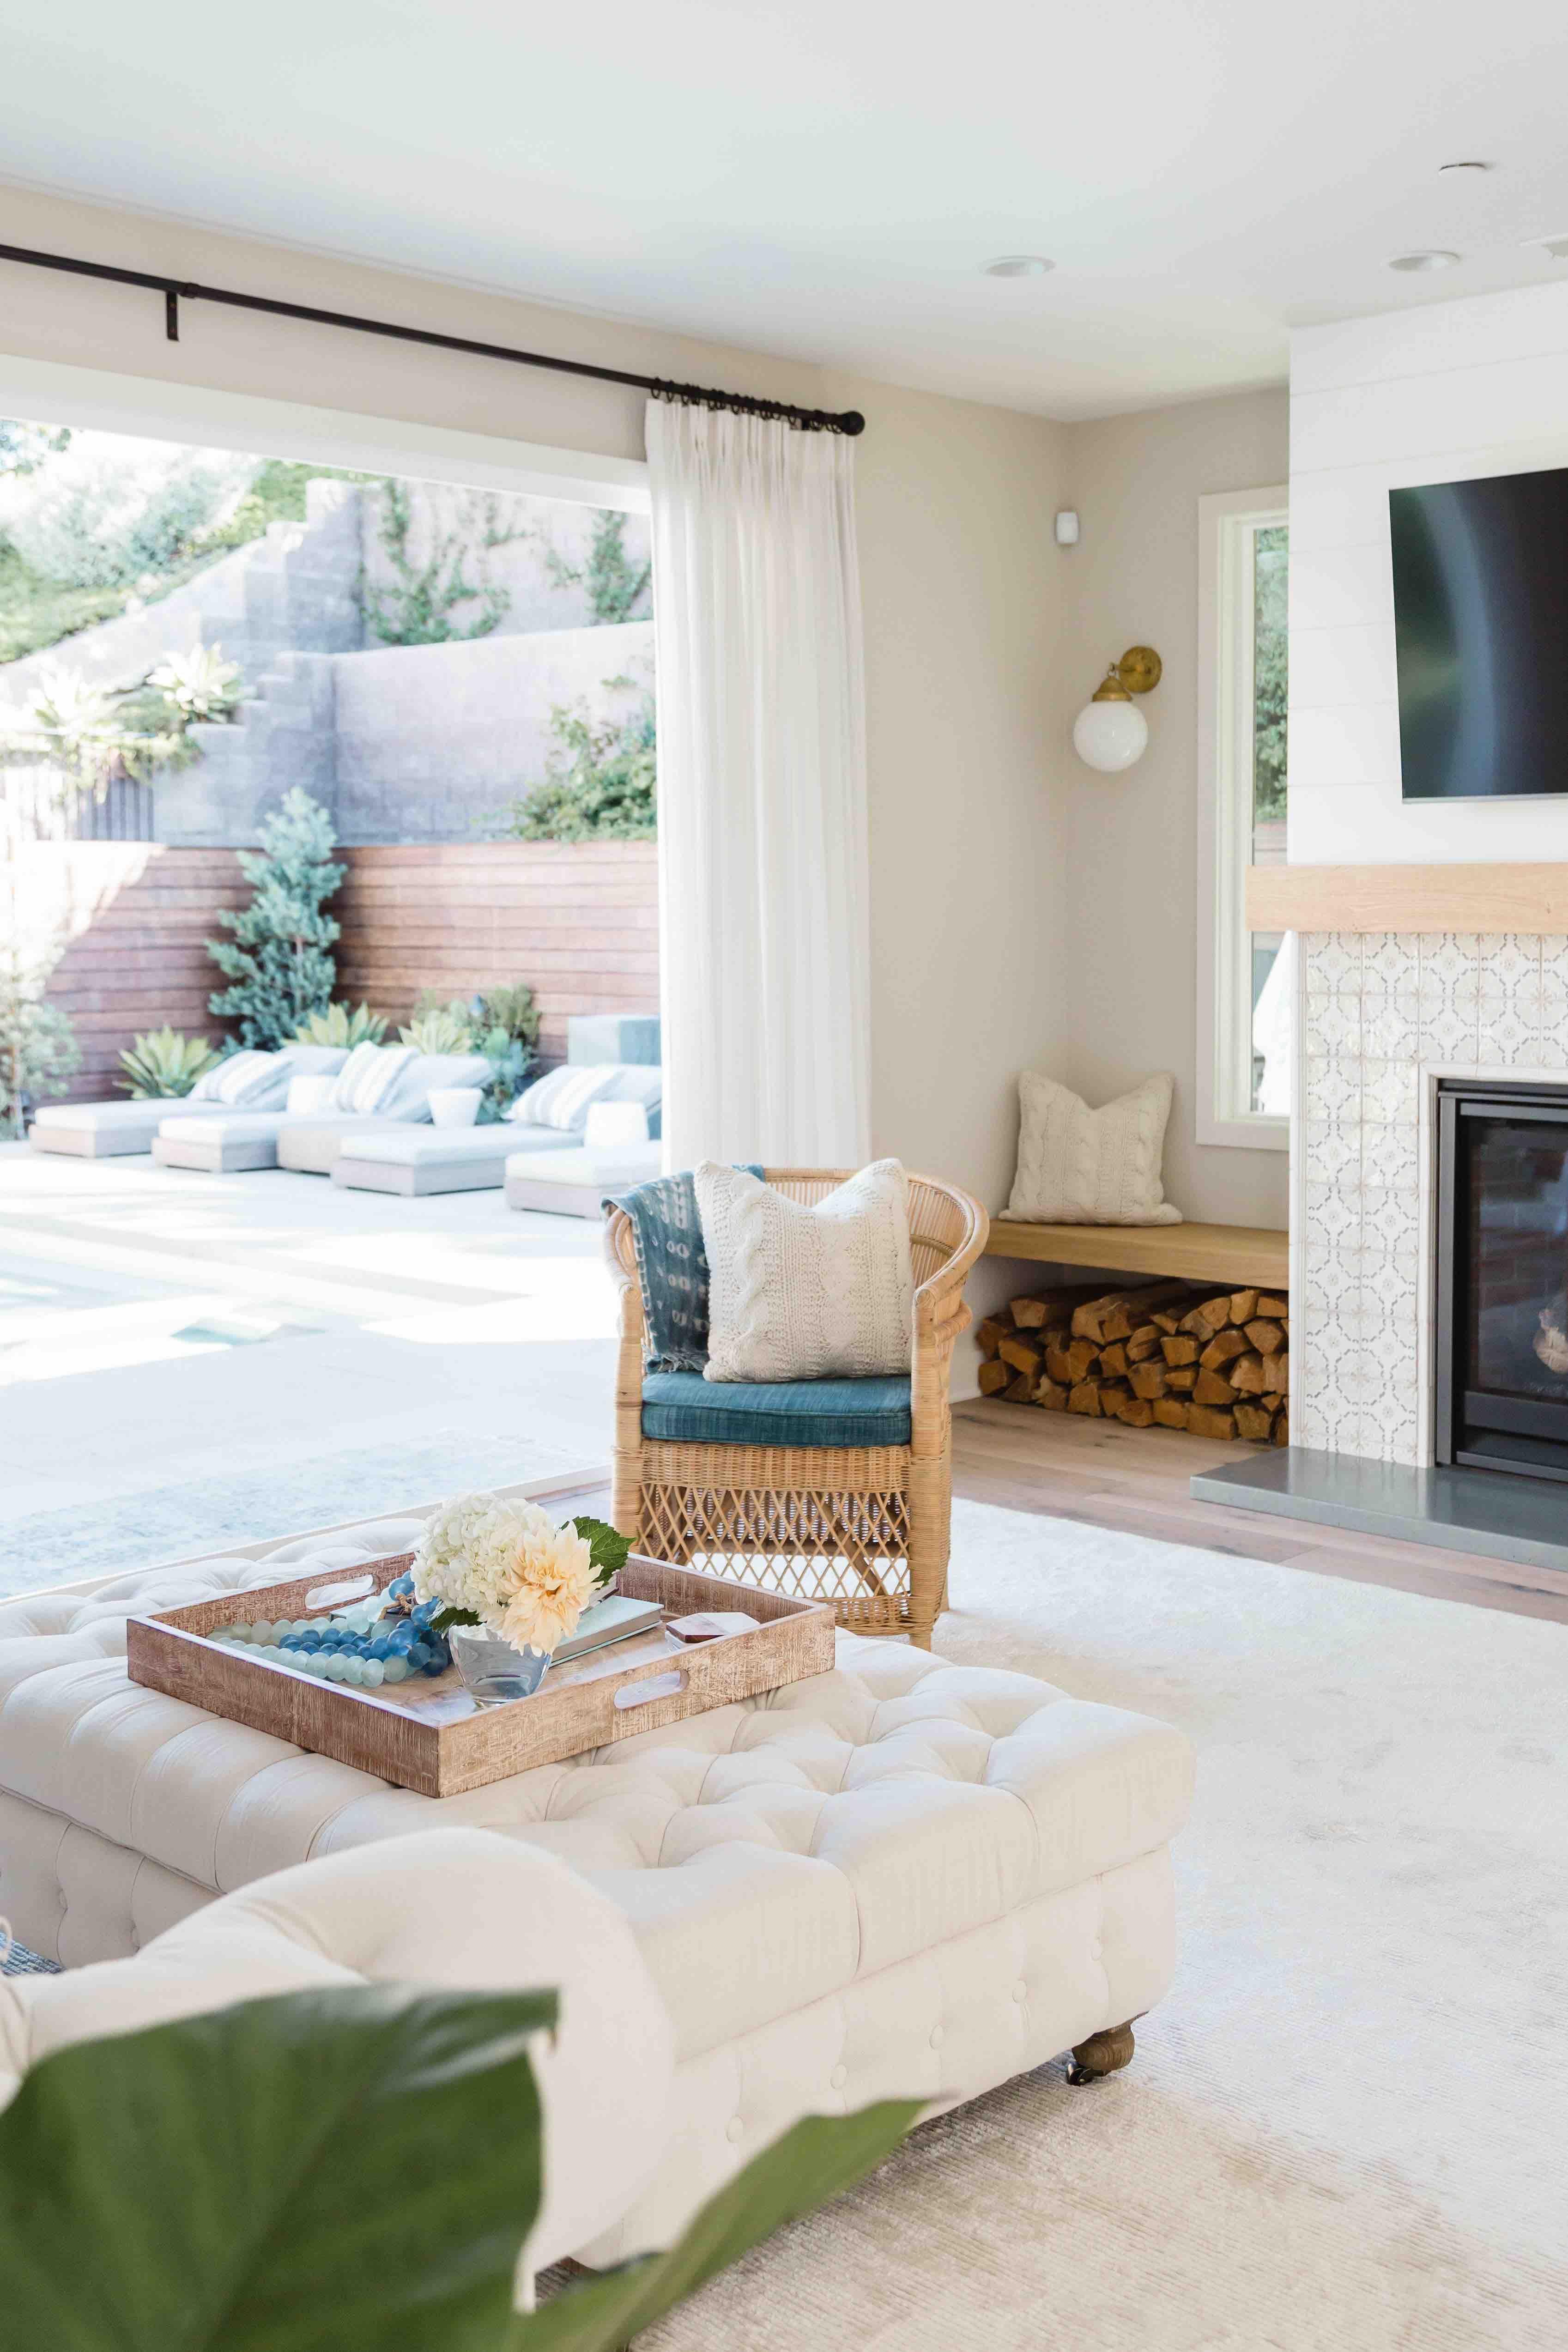 California Cool California Cool Luxury Interior Design Interior Design